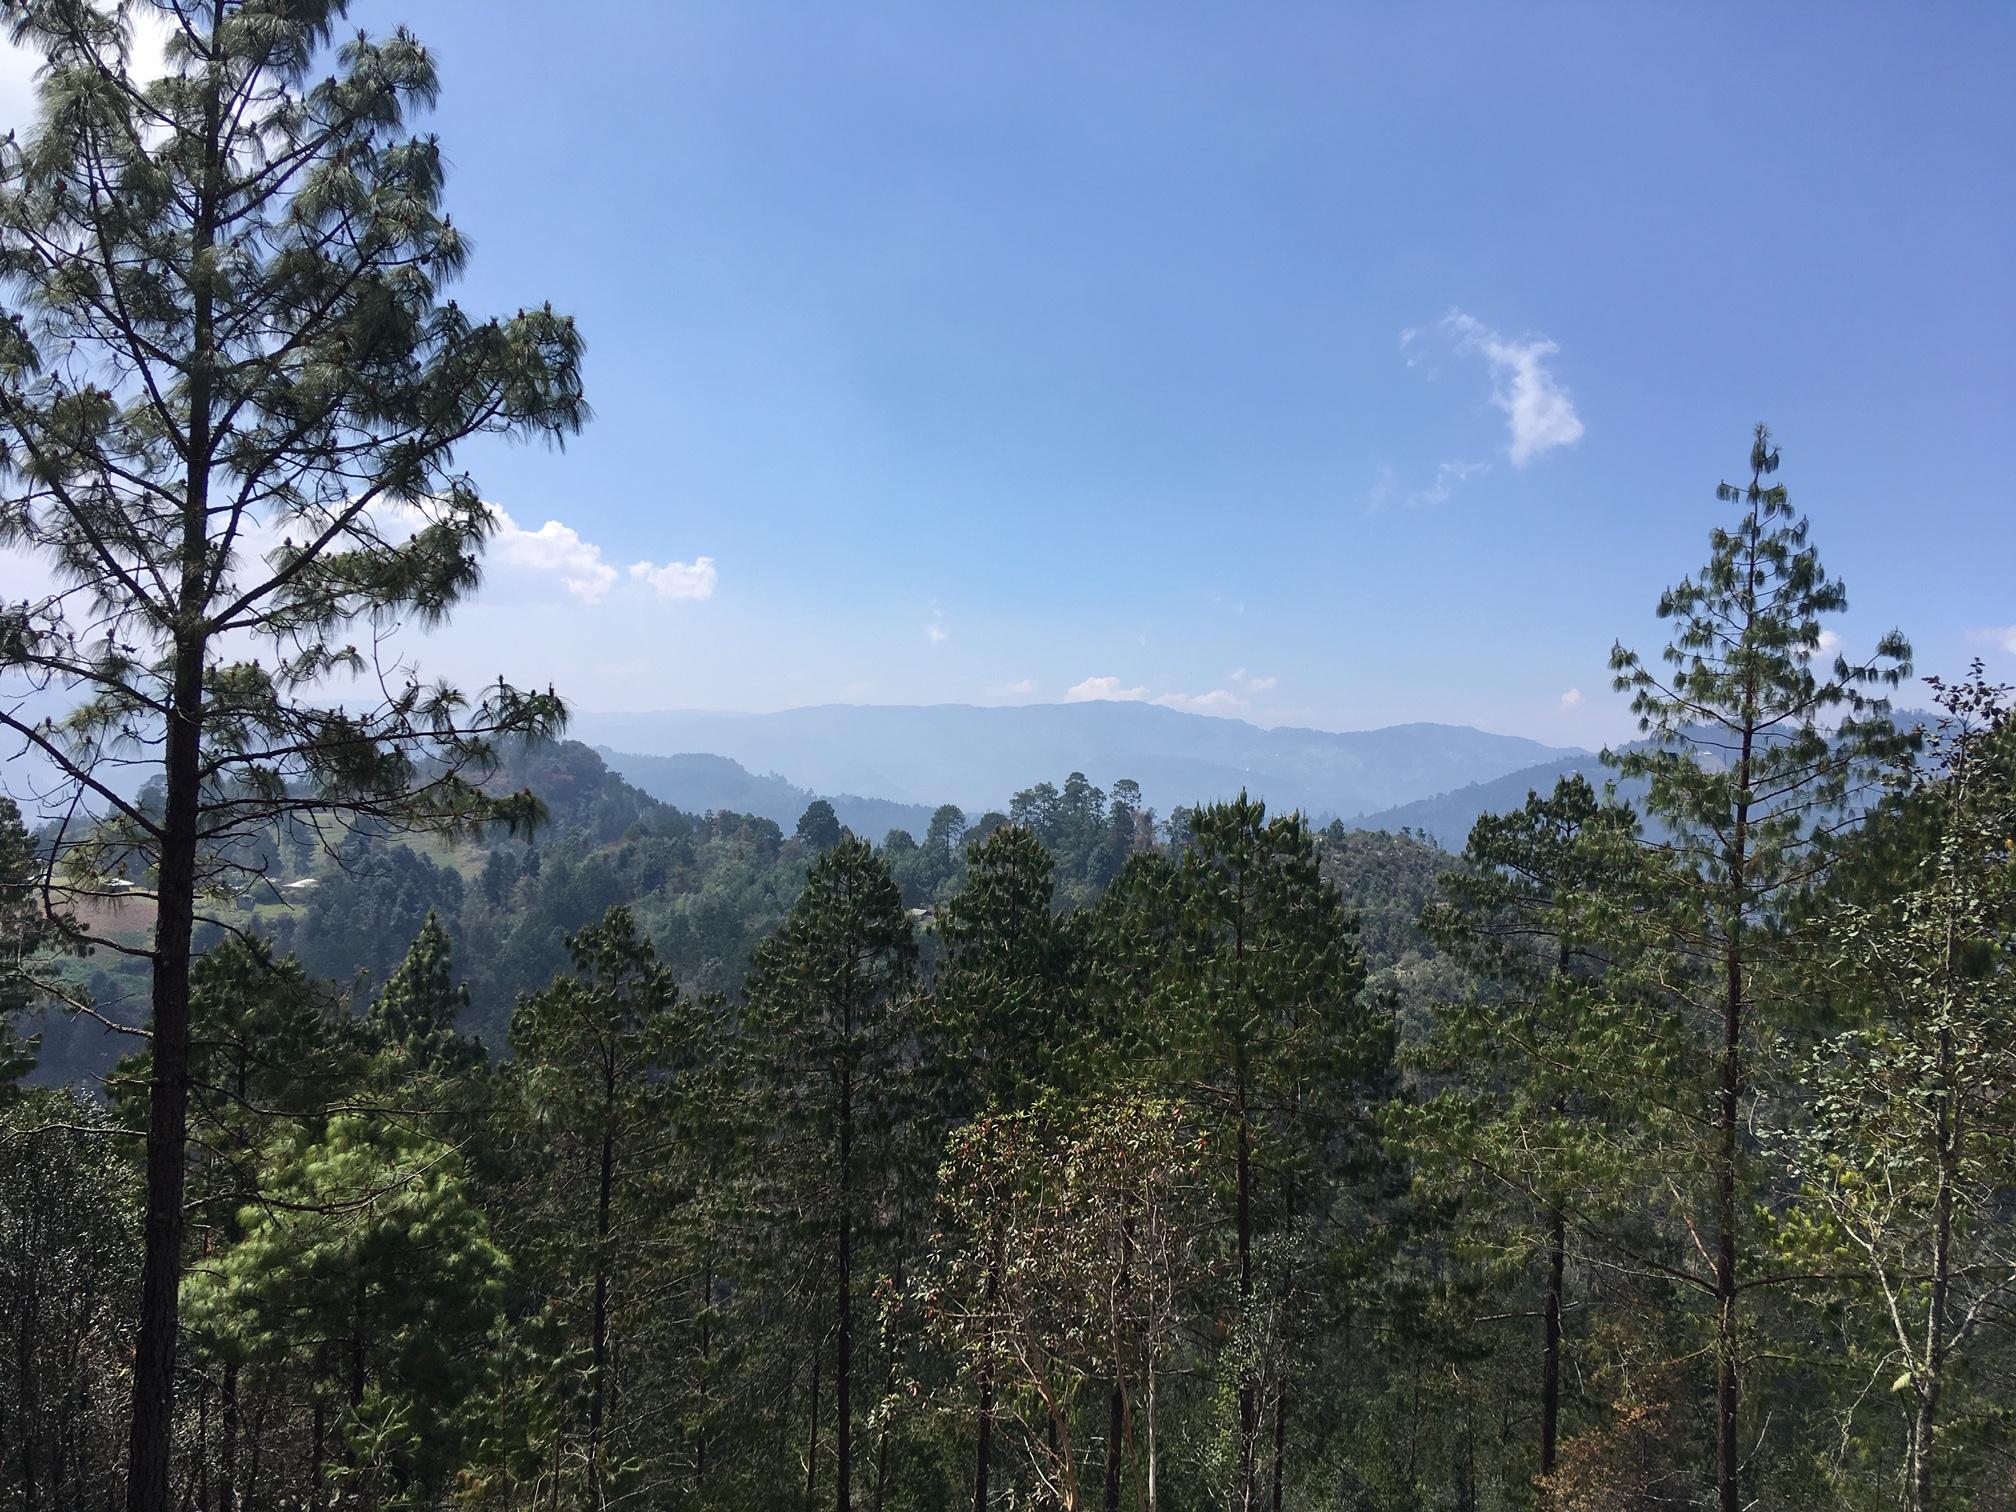 Sierra de Zongolica, Veracruz